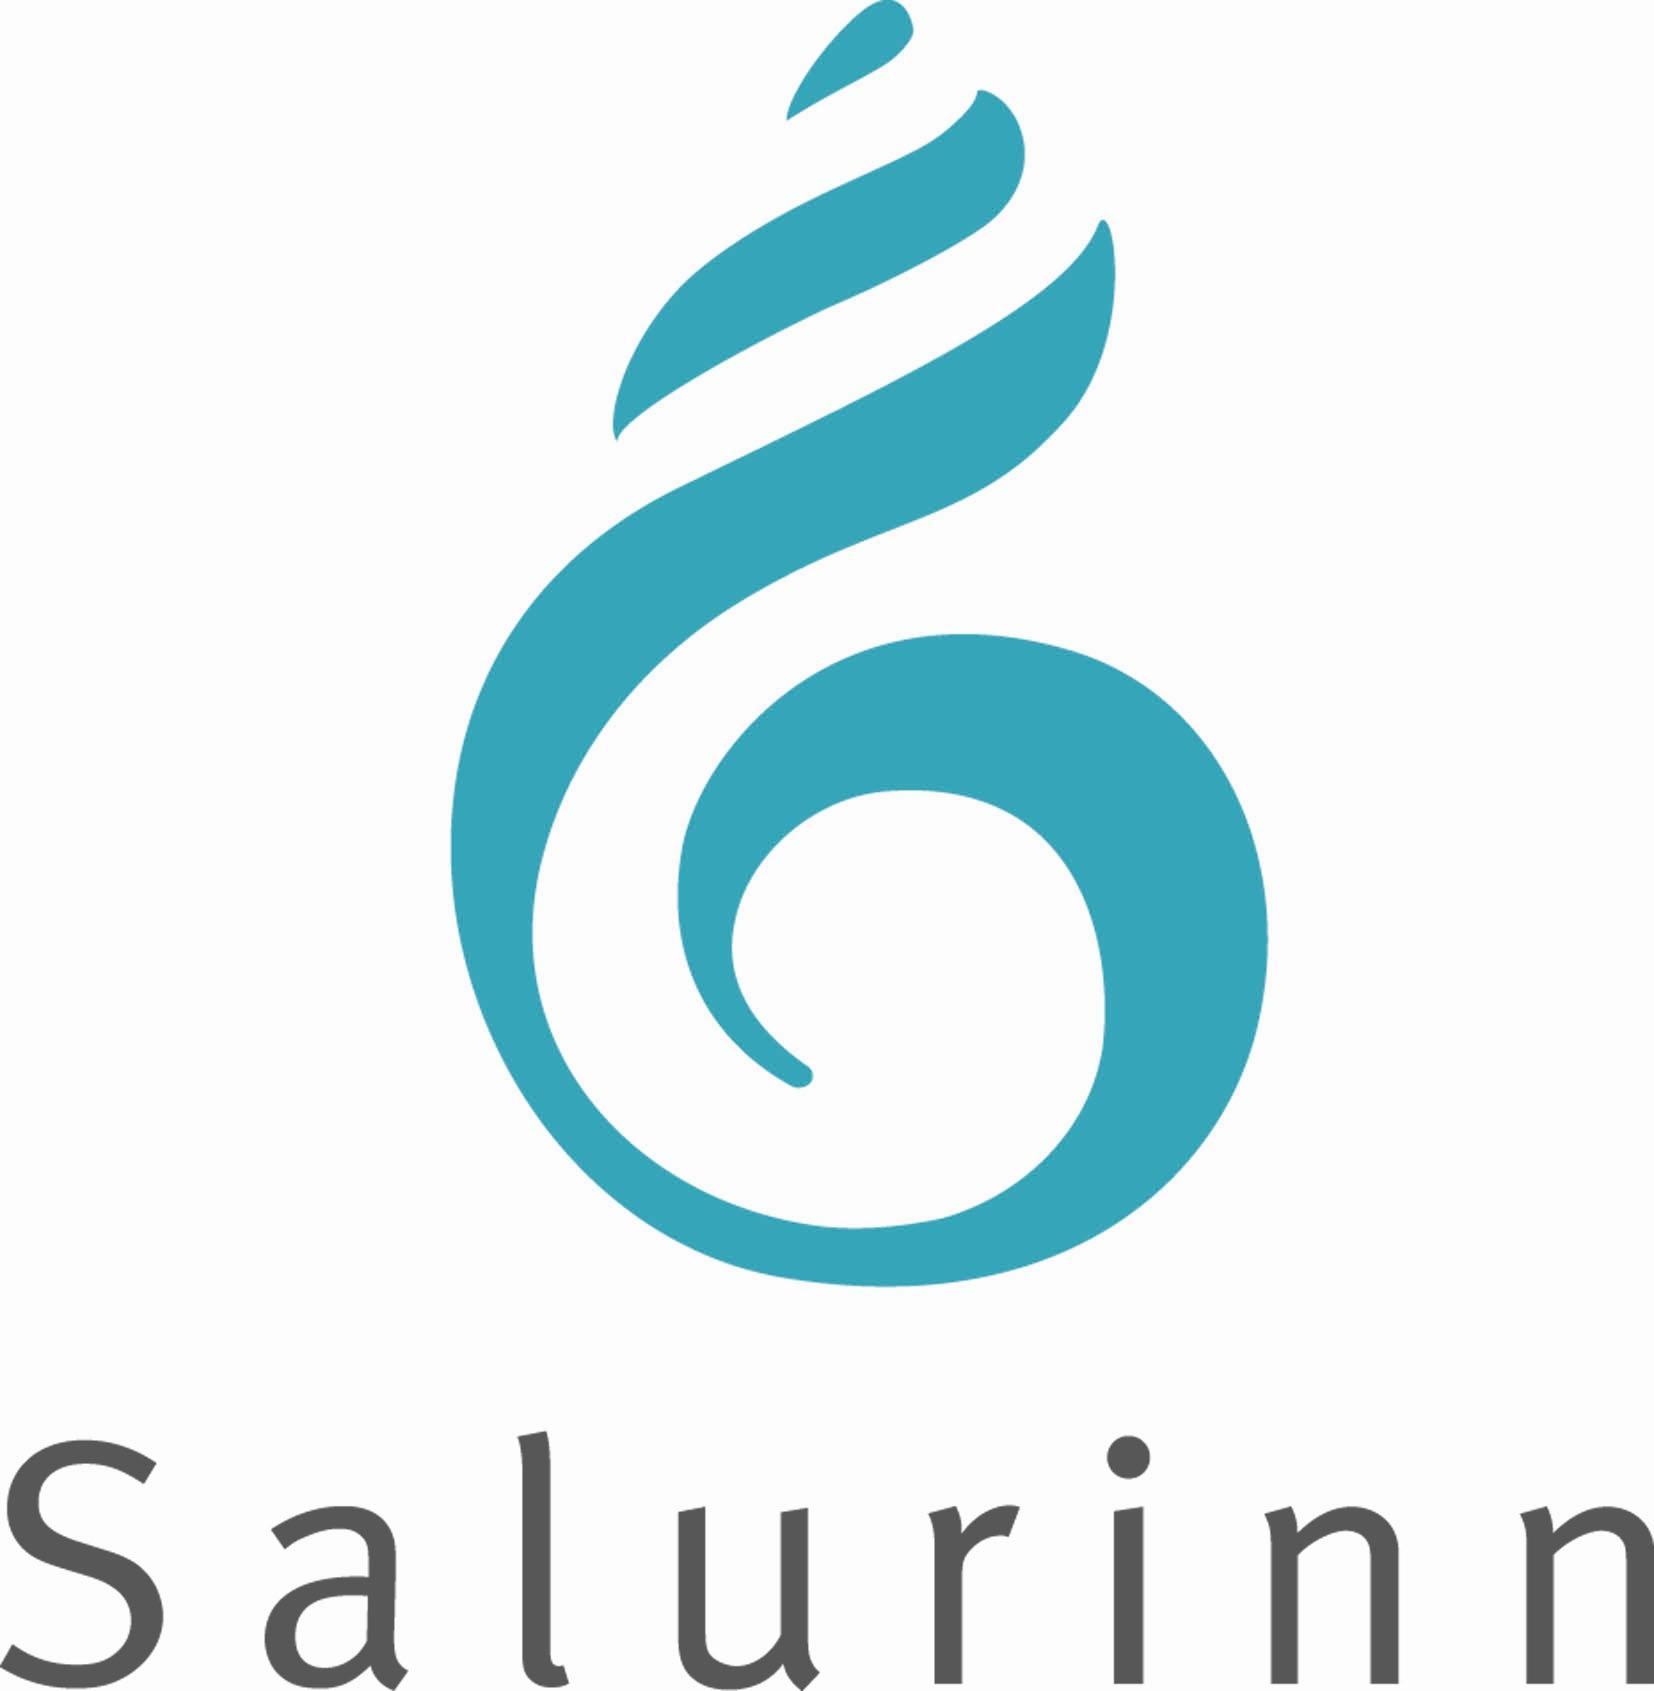 salurinn_logo.JPG